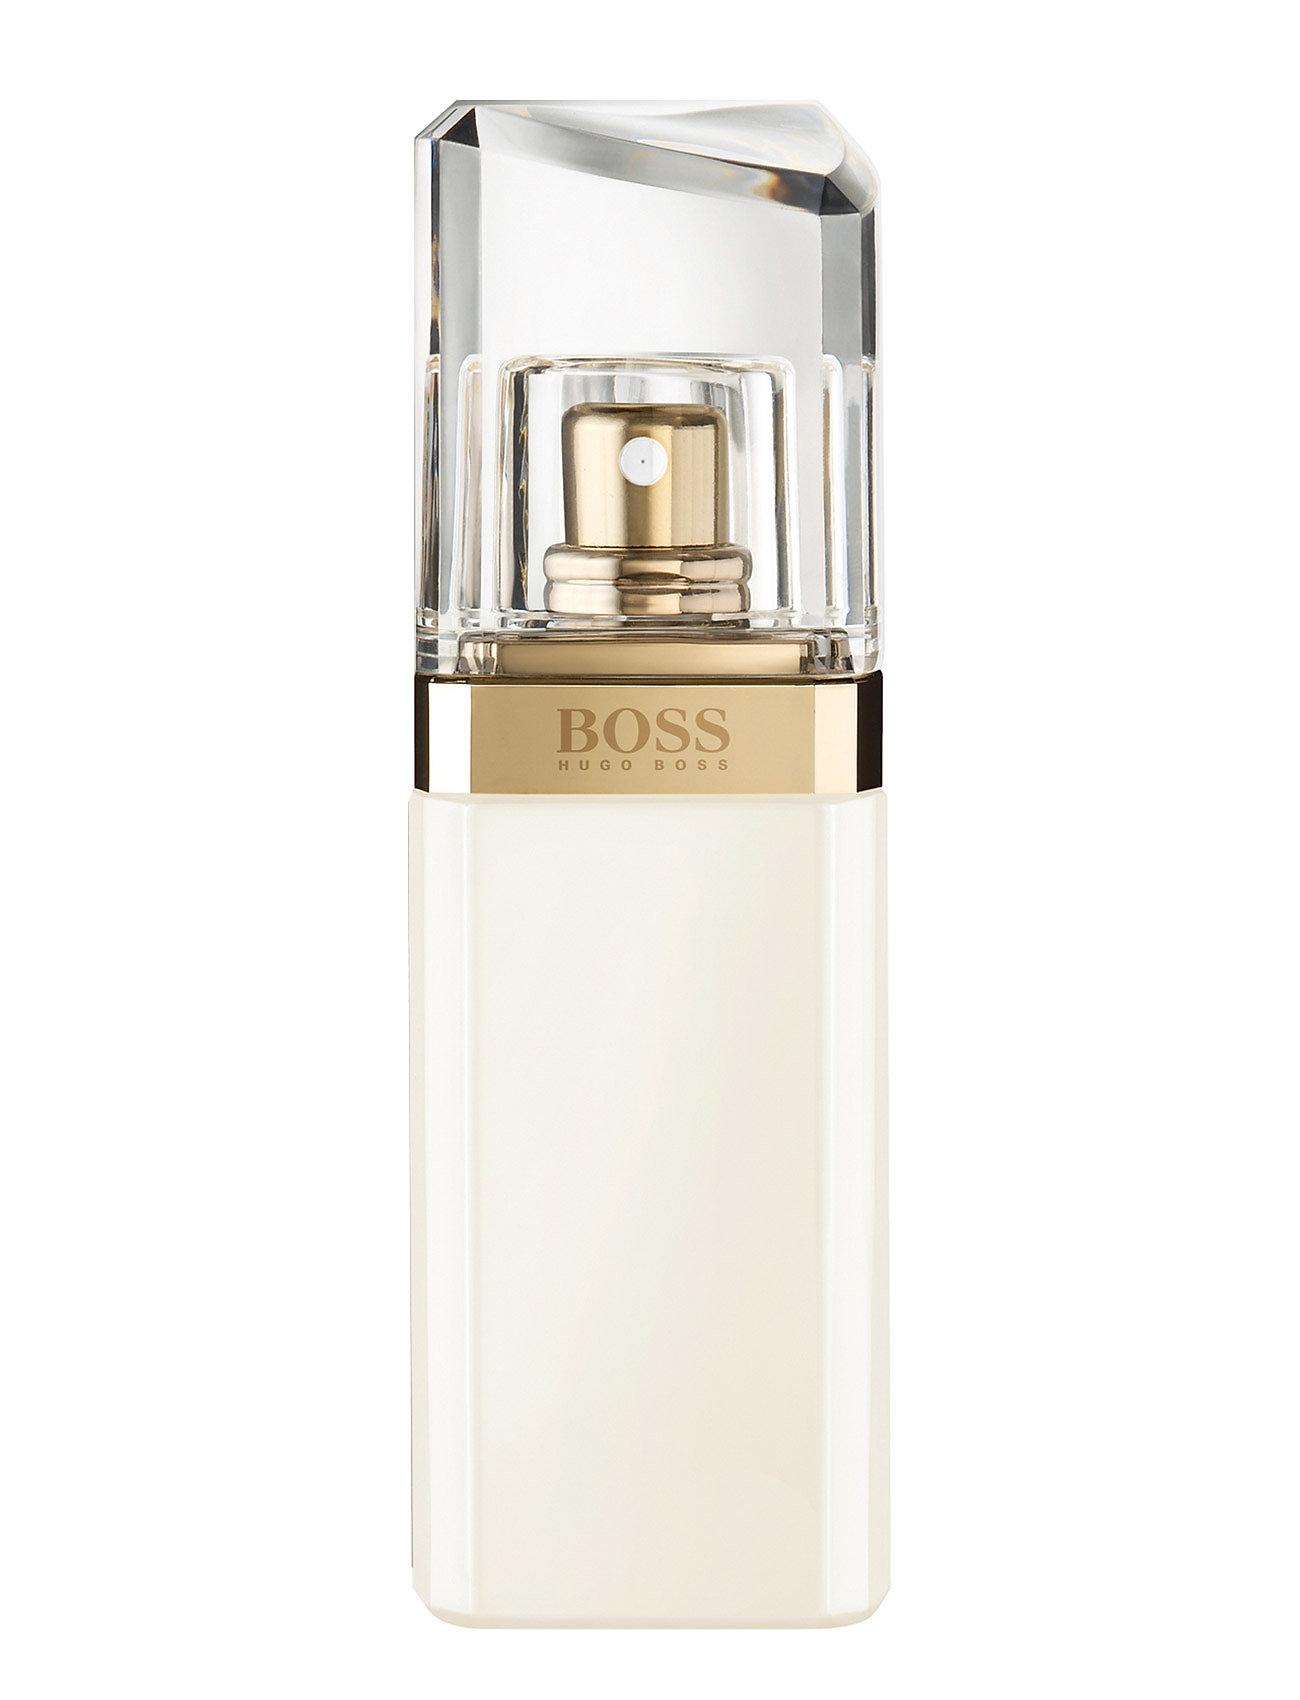 Hugo boss jour eau de parfum fra hugo boss fragrance på boozt.com dk